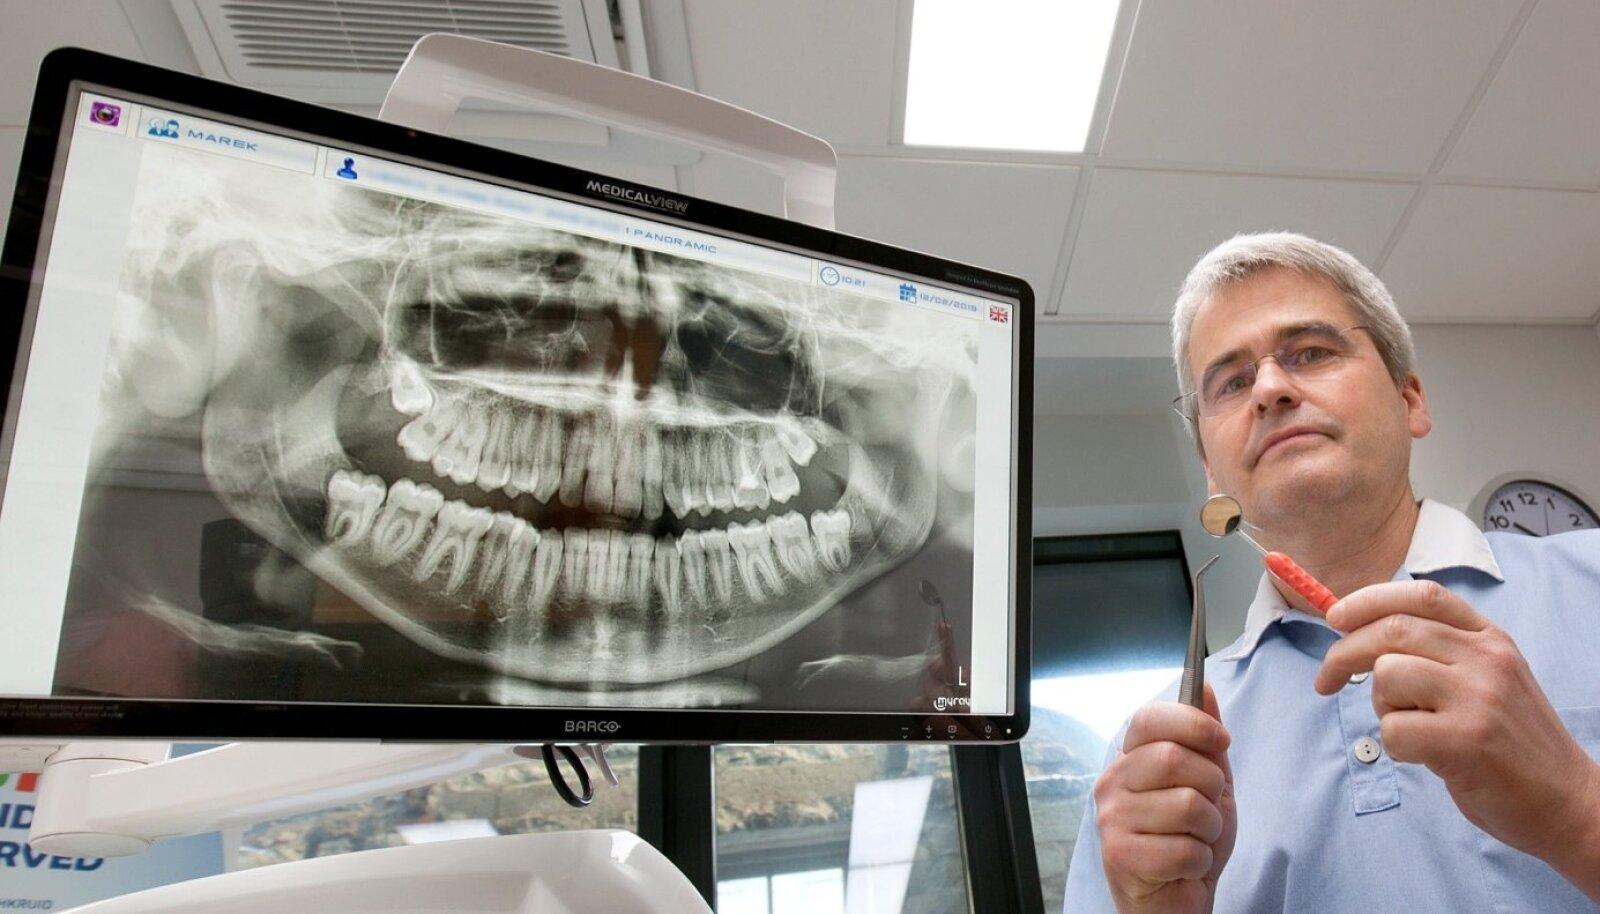 """""""Kui inimene pole aastaid hambaarsti külastanud, on jätnud unarusse terviseteadlikkuse, siis hambahaiguse tagajärgede parandamiseks võib kuluda hoopis rohkem raha, kui on riigi toetus,"""" teatab Eesti Hambaarstide Liidu president Marek Vink."""